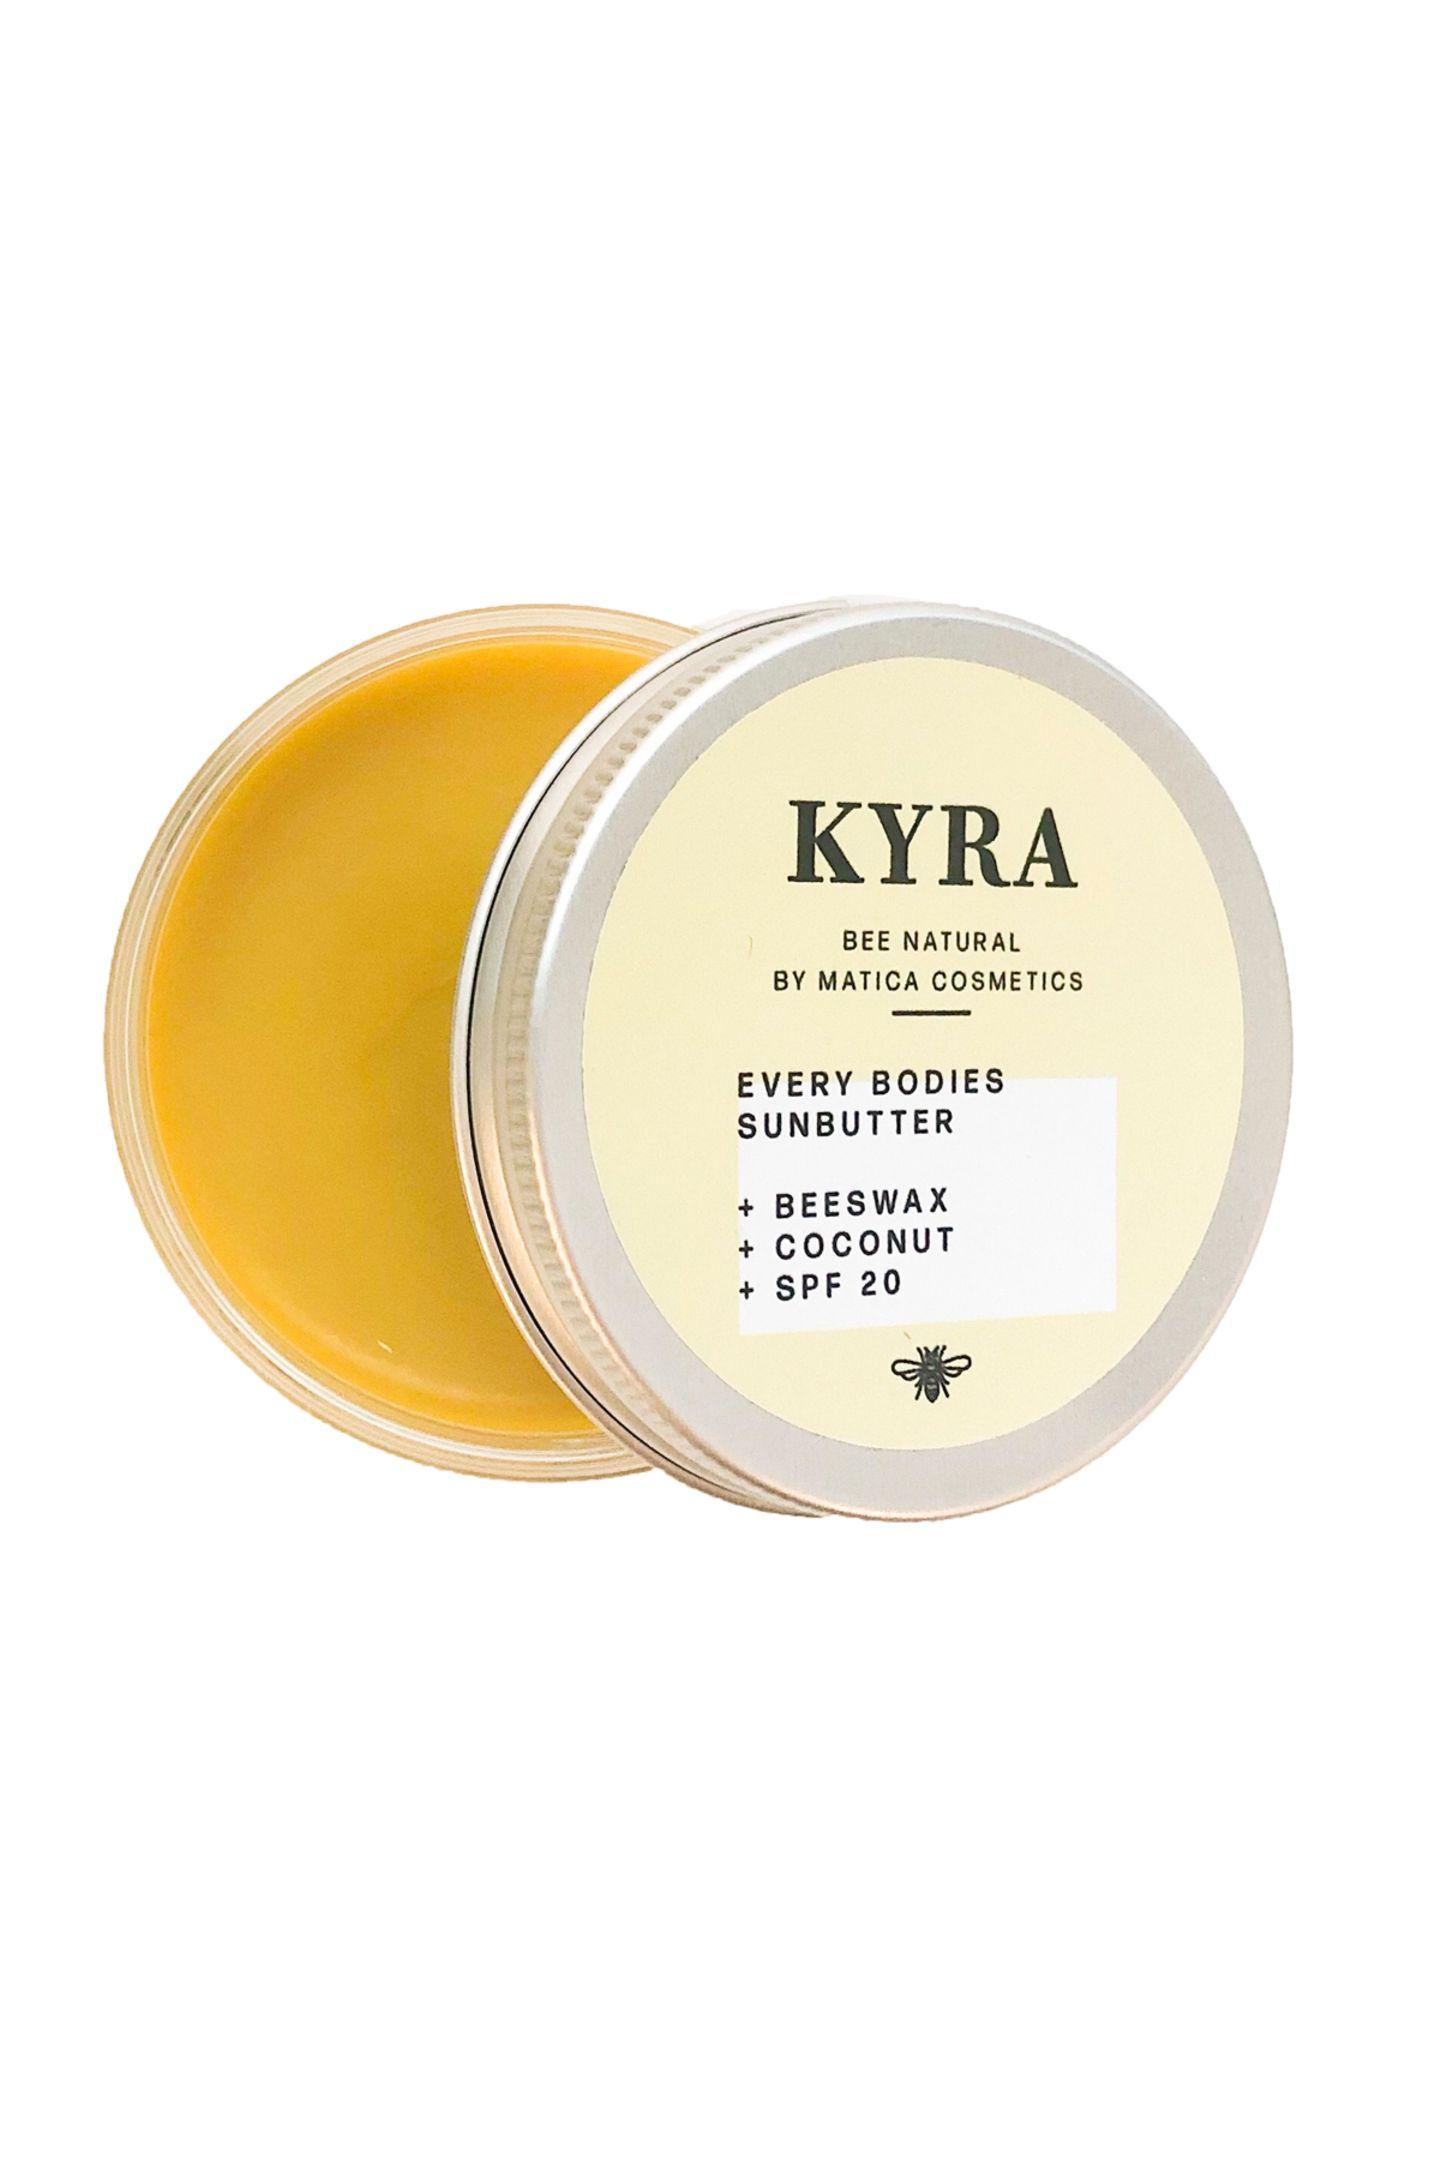 Zwei Fliegen mit einer Klappe: Die Sun Butter Kyra von Matica Cosmetics ist die perfekte Verbindung aus Sonnenschutz und ultra pflegender Body Butter mit Anti-Aging-Effekt. Ca. 40 Euro